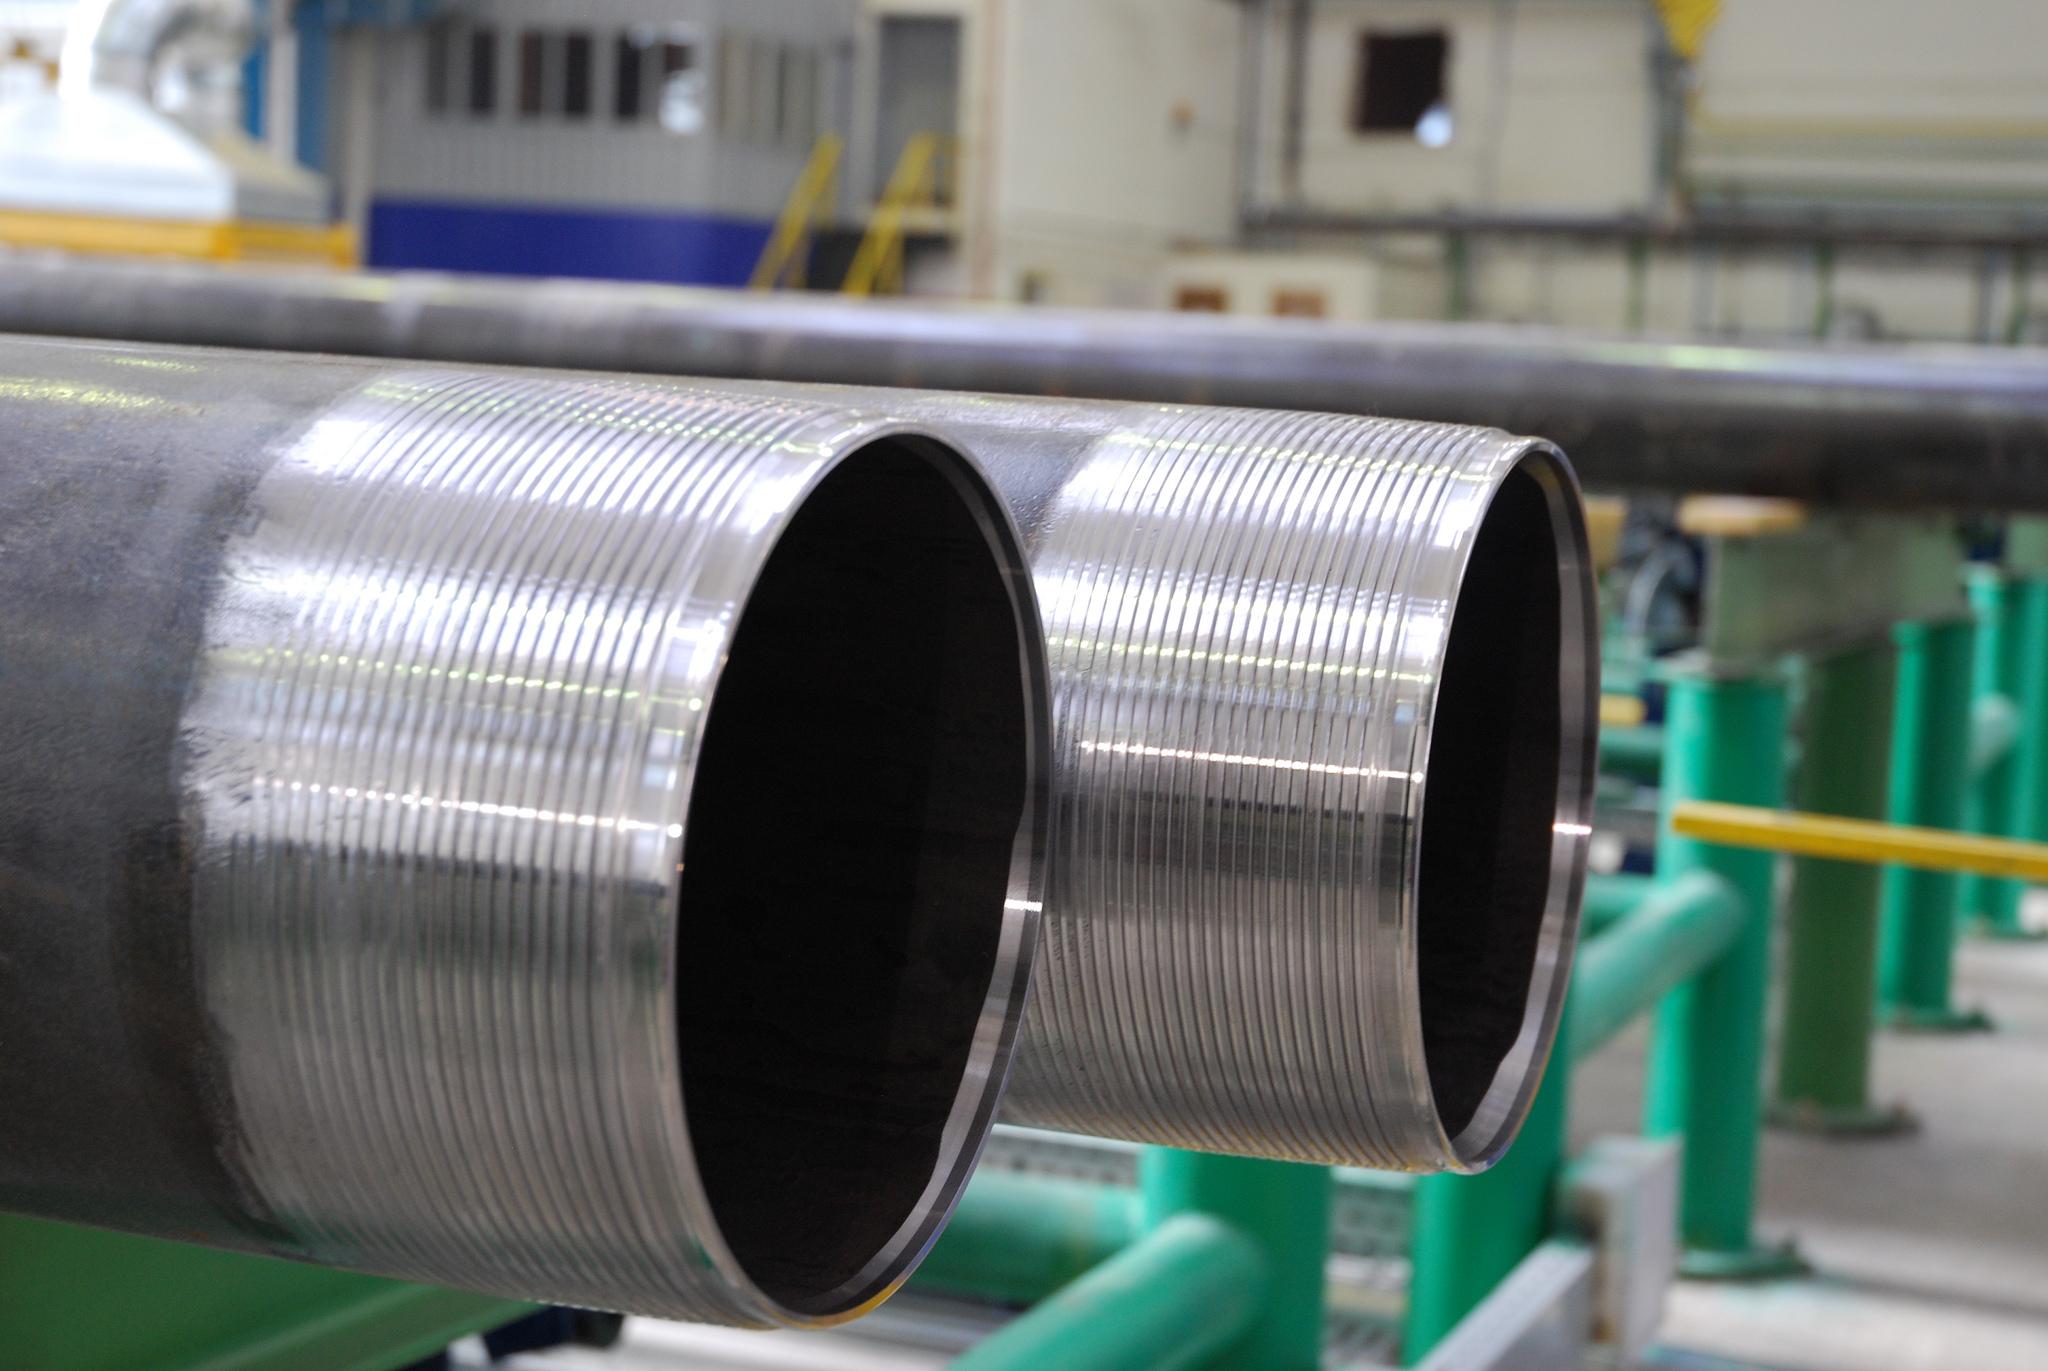 ТМК и НОВАТЭК заключили соглашение о стратегическом партнерстве, касающееся поставок премиальной трубной продукции